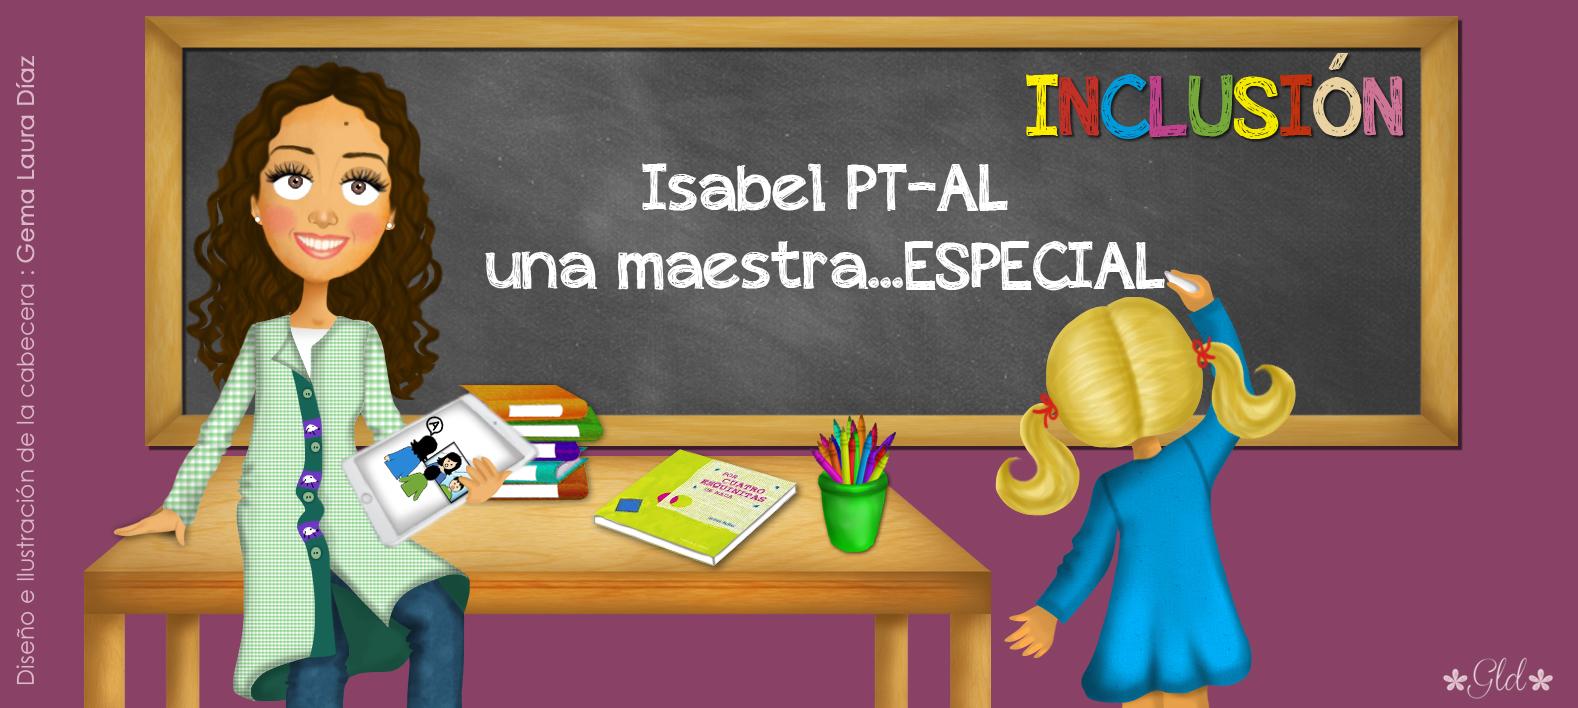 Isabel PT-AL